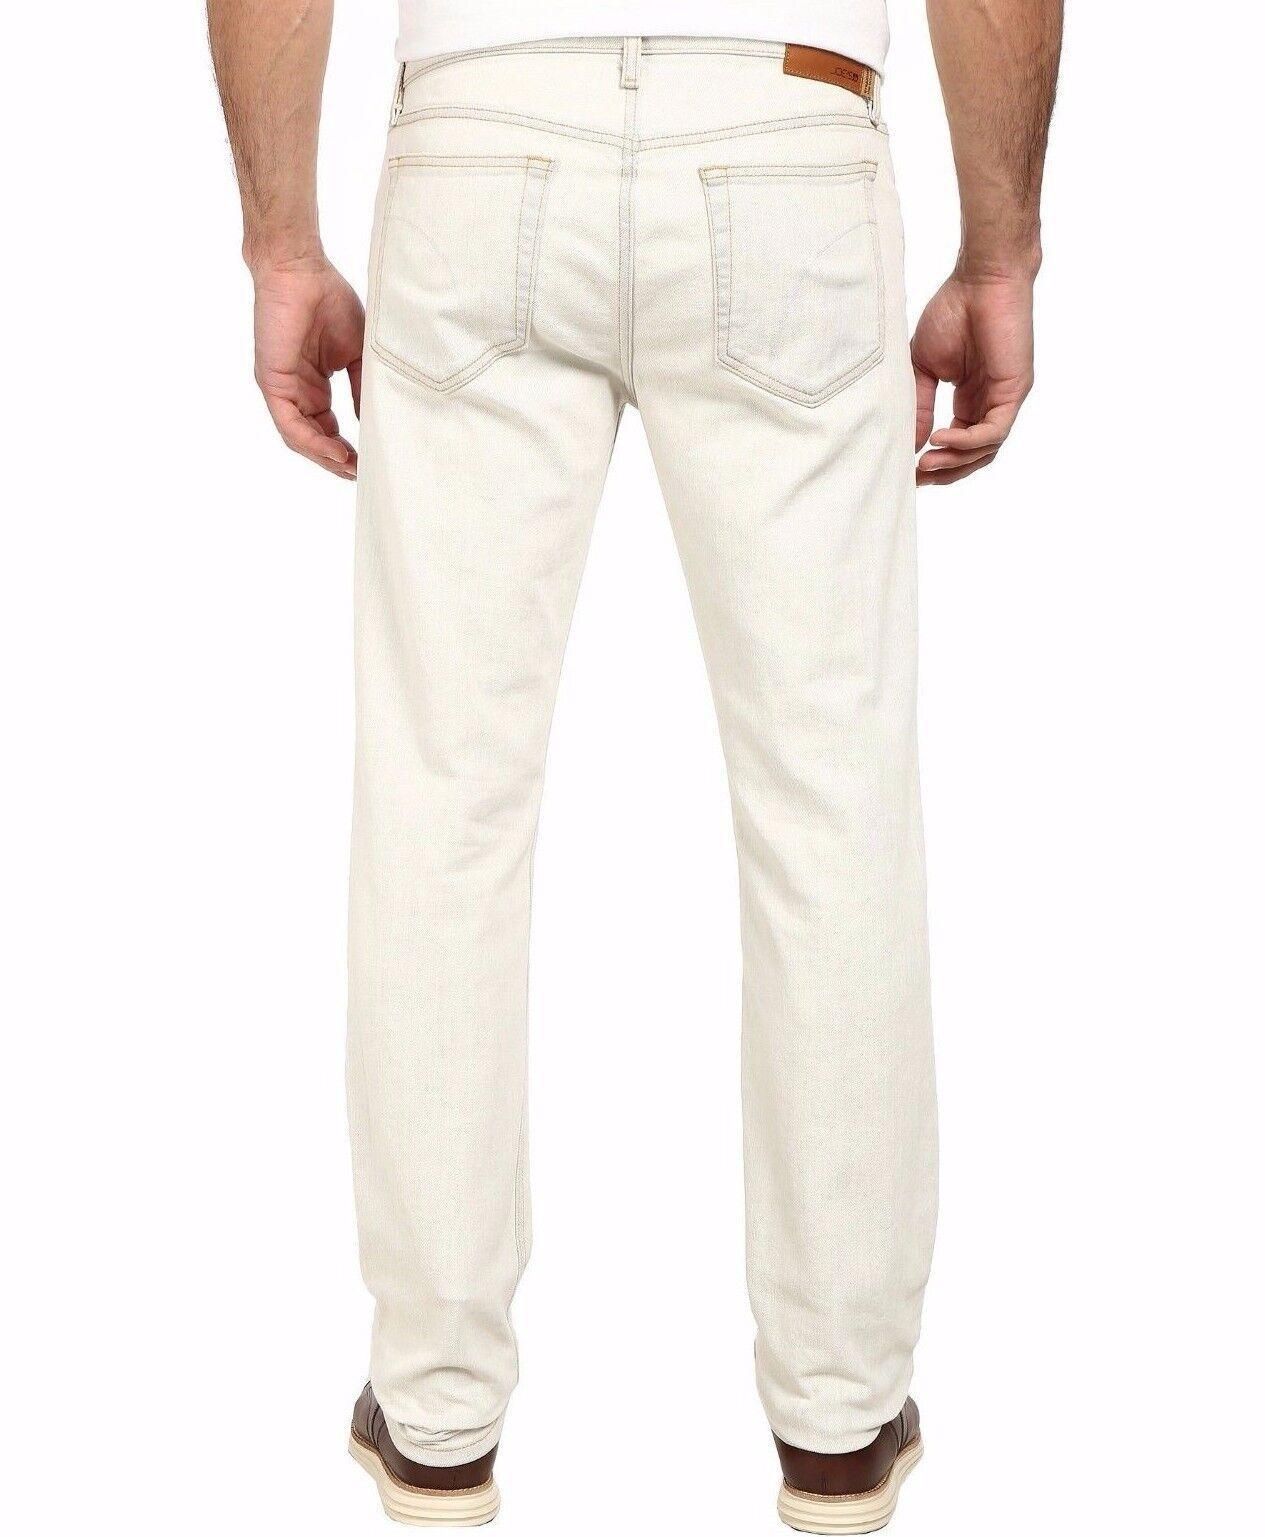 Nwt JOE´S Sz33 der Brixton Gerade + Schmal Jeans Stretch Eierschale Weiß